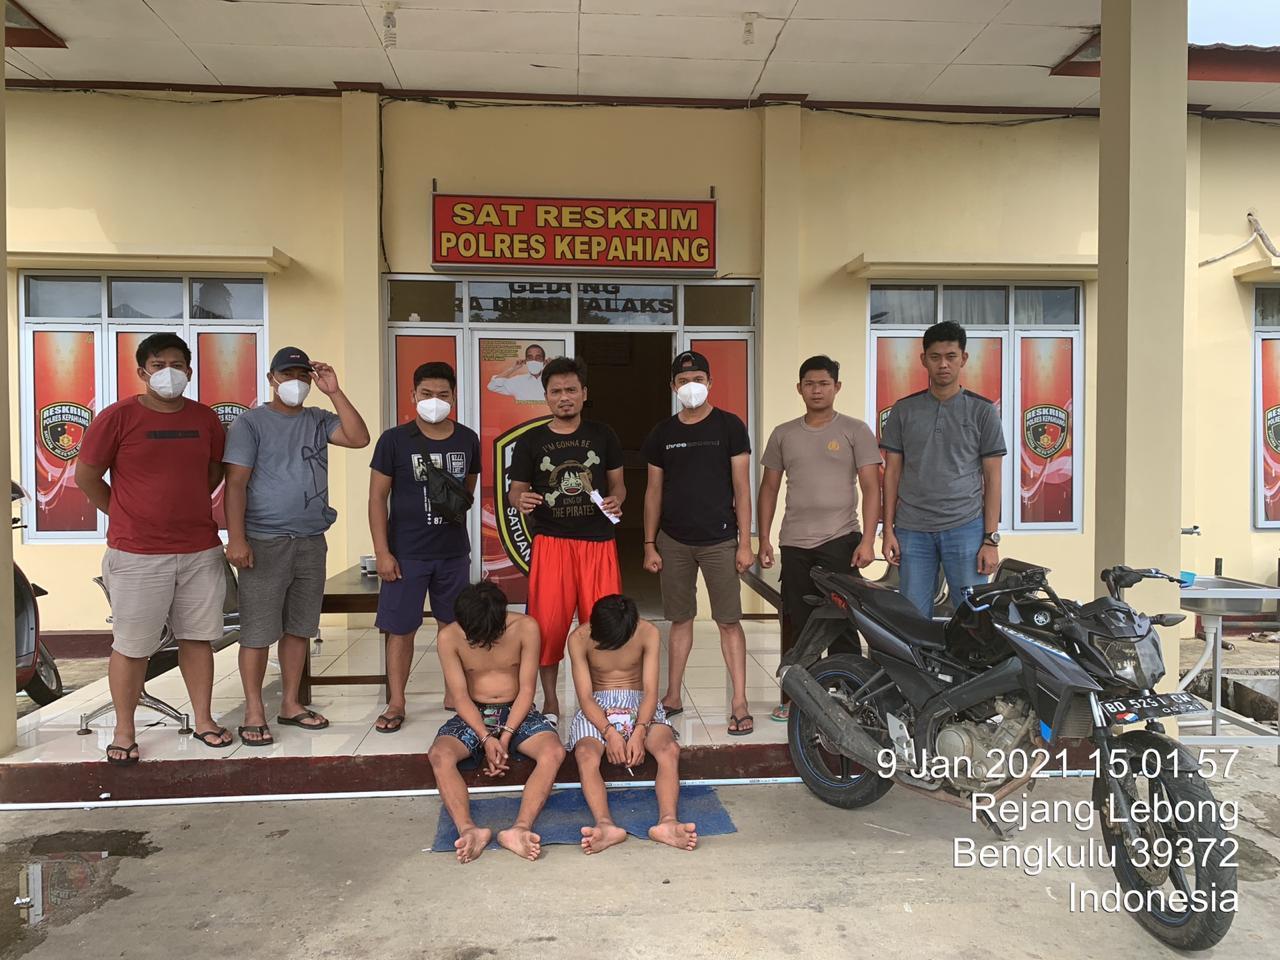 Tim Elang Juvi Tangkap 2 Pemuda Empat Lawang Bawa Sajam di Pasar Kepahiang